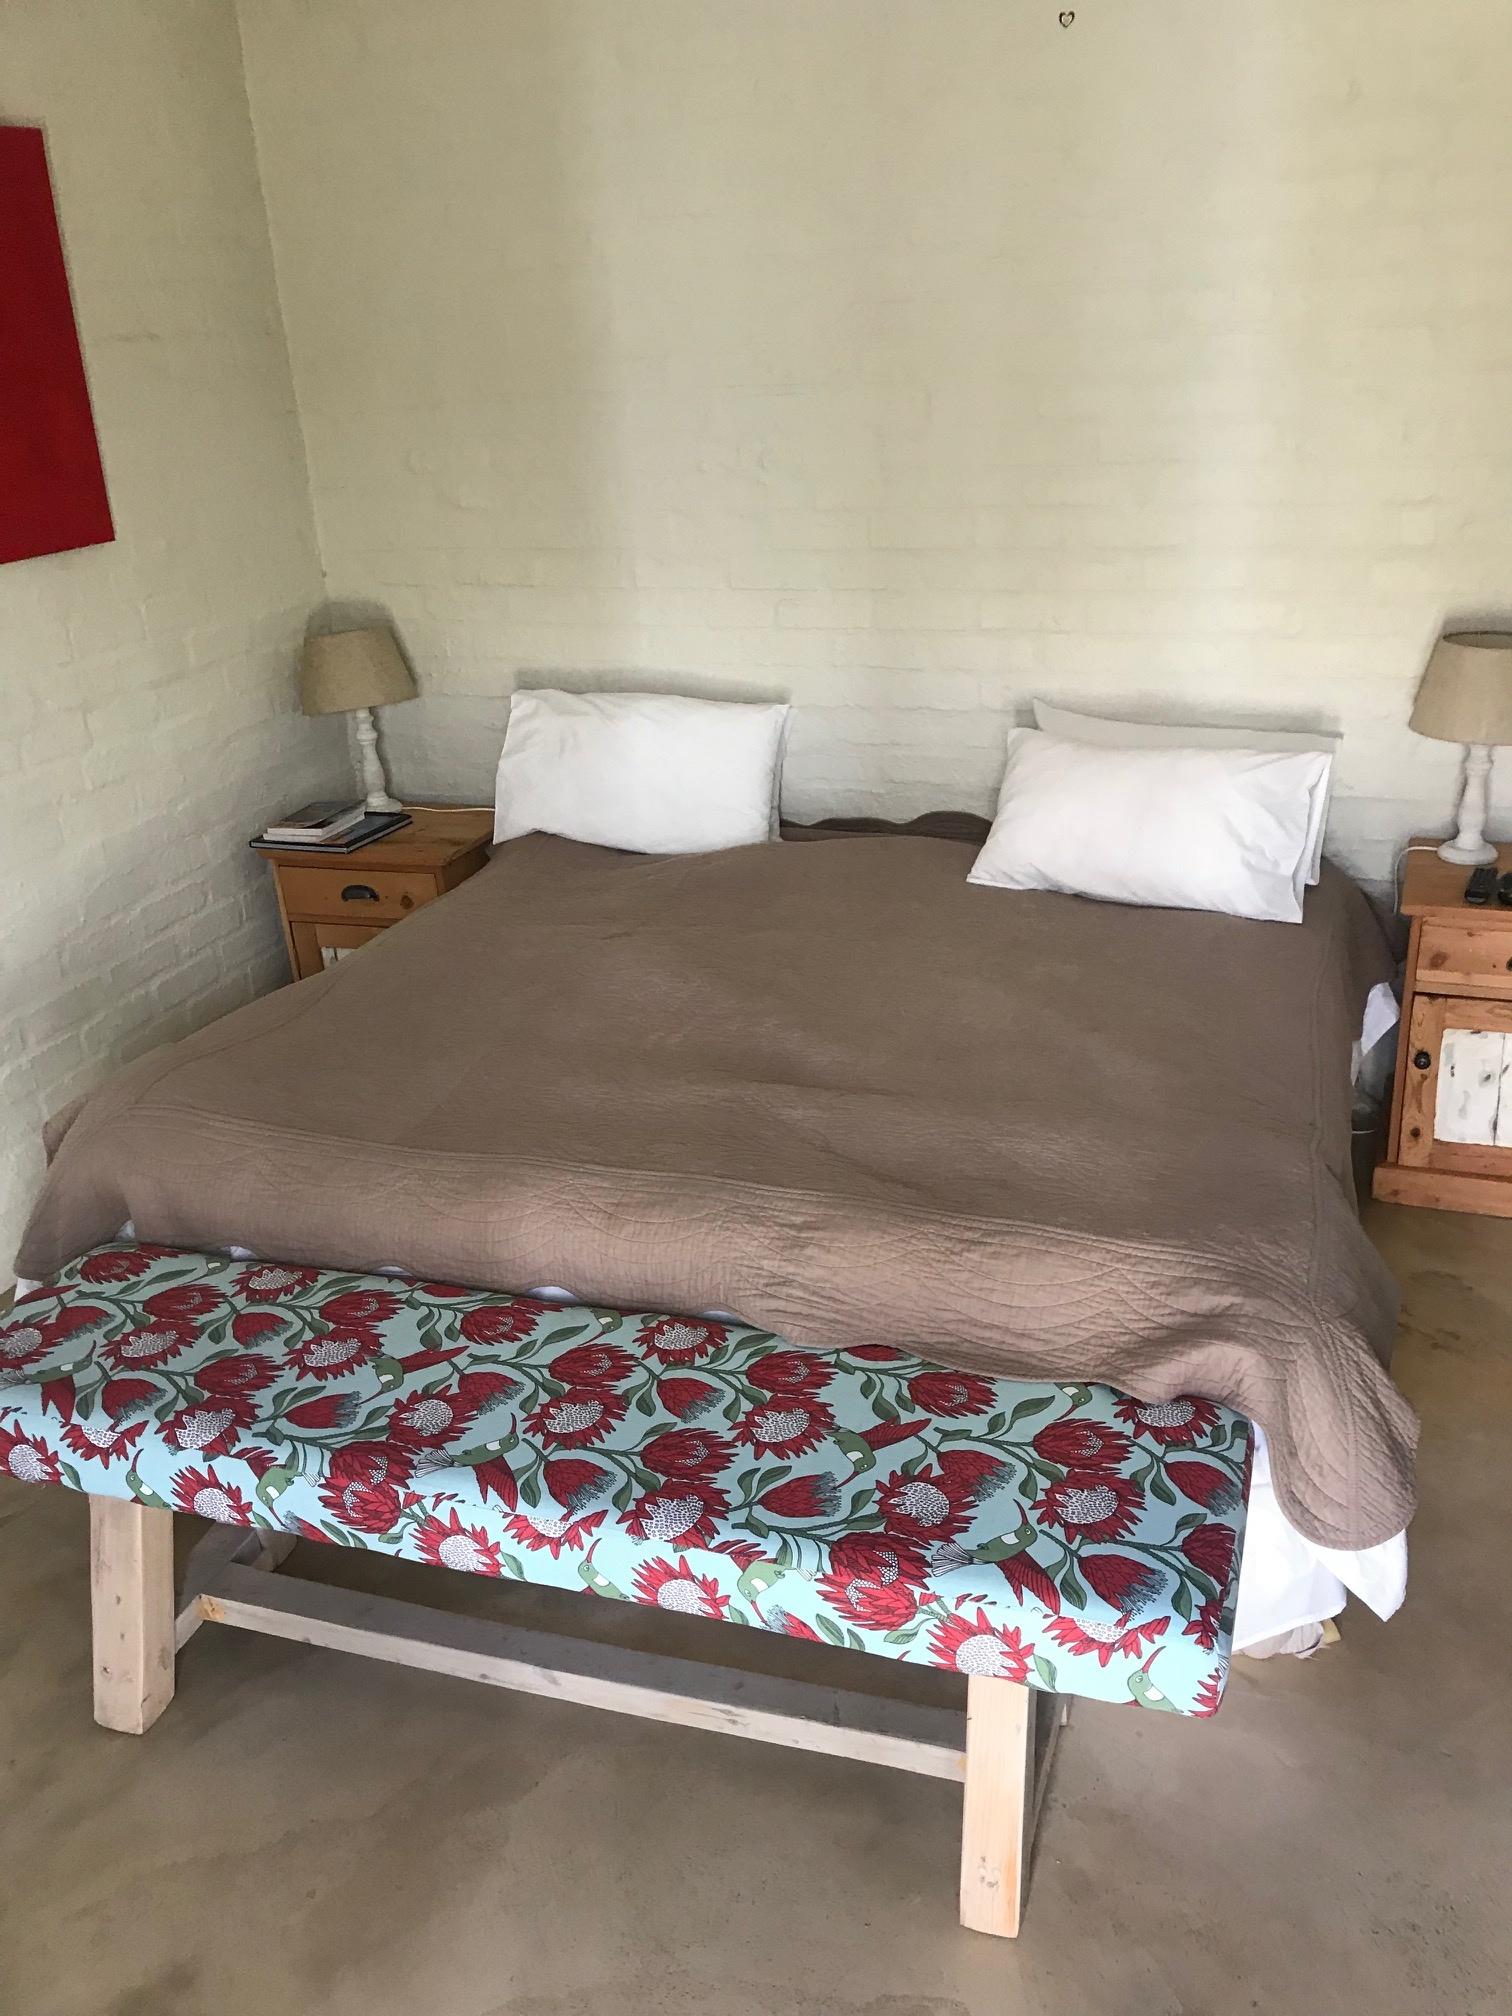 Bedside pedestals